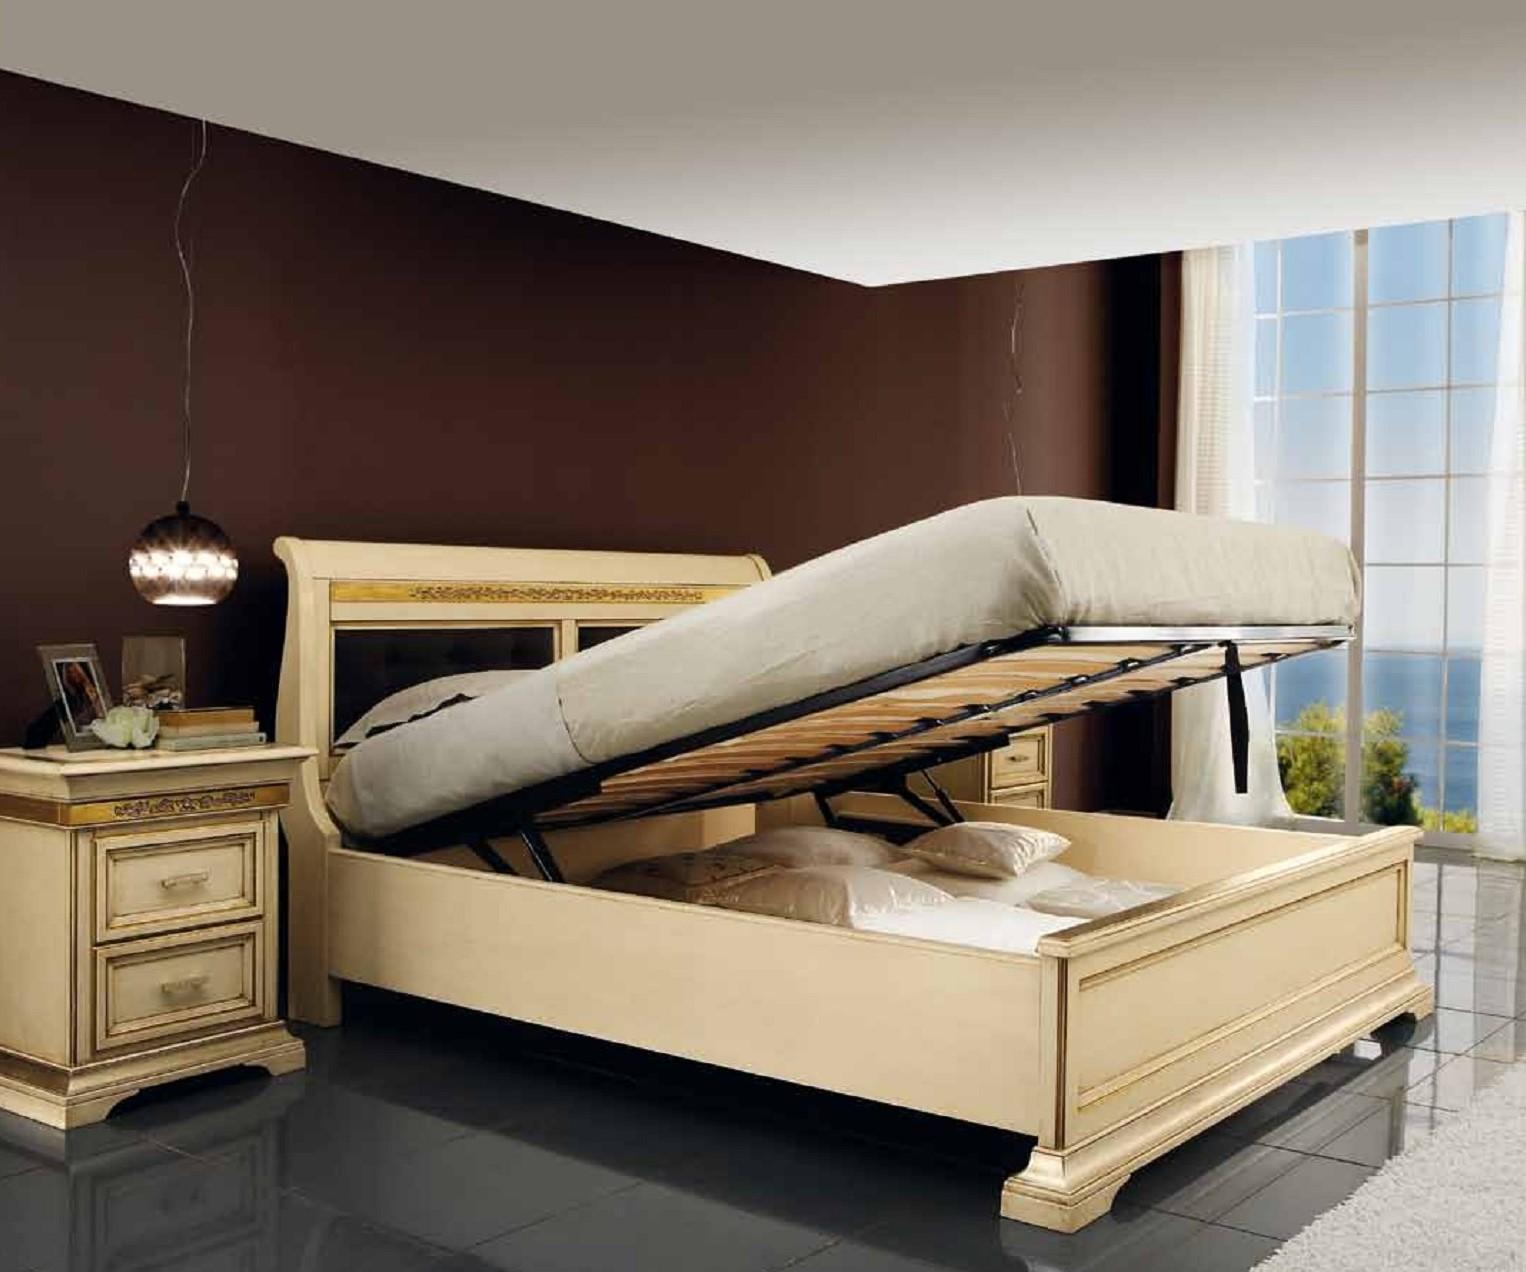 Letto contenitore in legno massello intarsiato mobili ieva torino - Letto contenitore torino ...